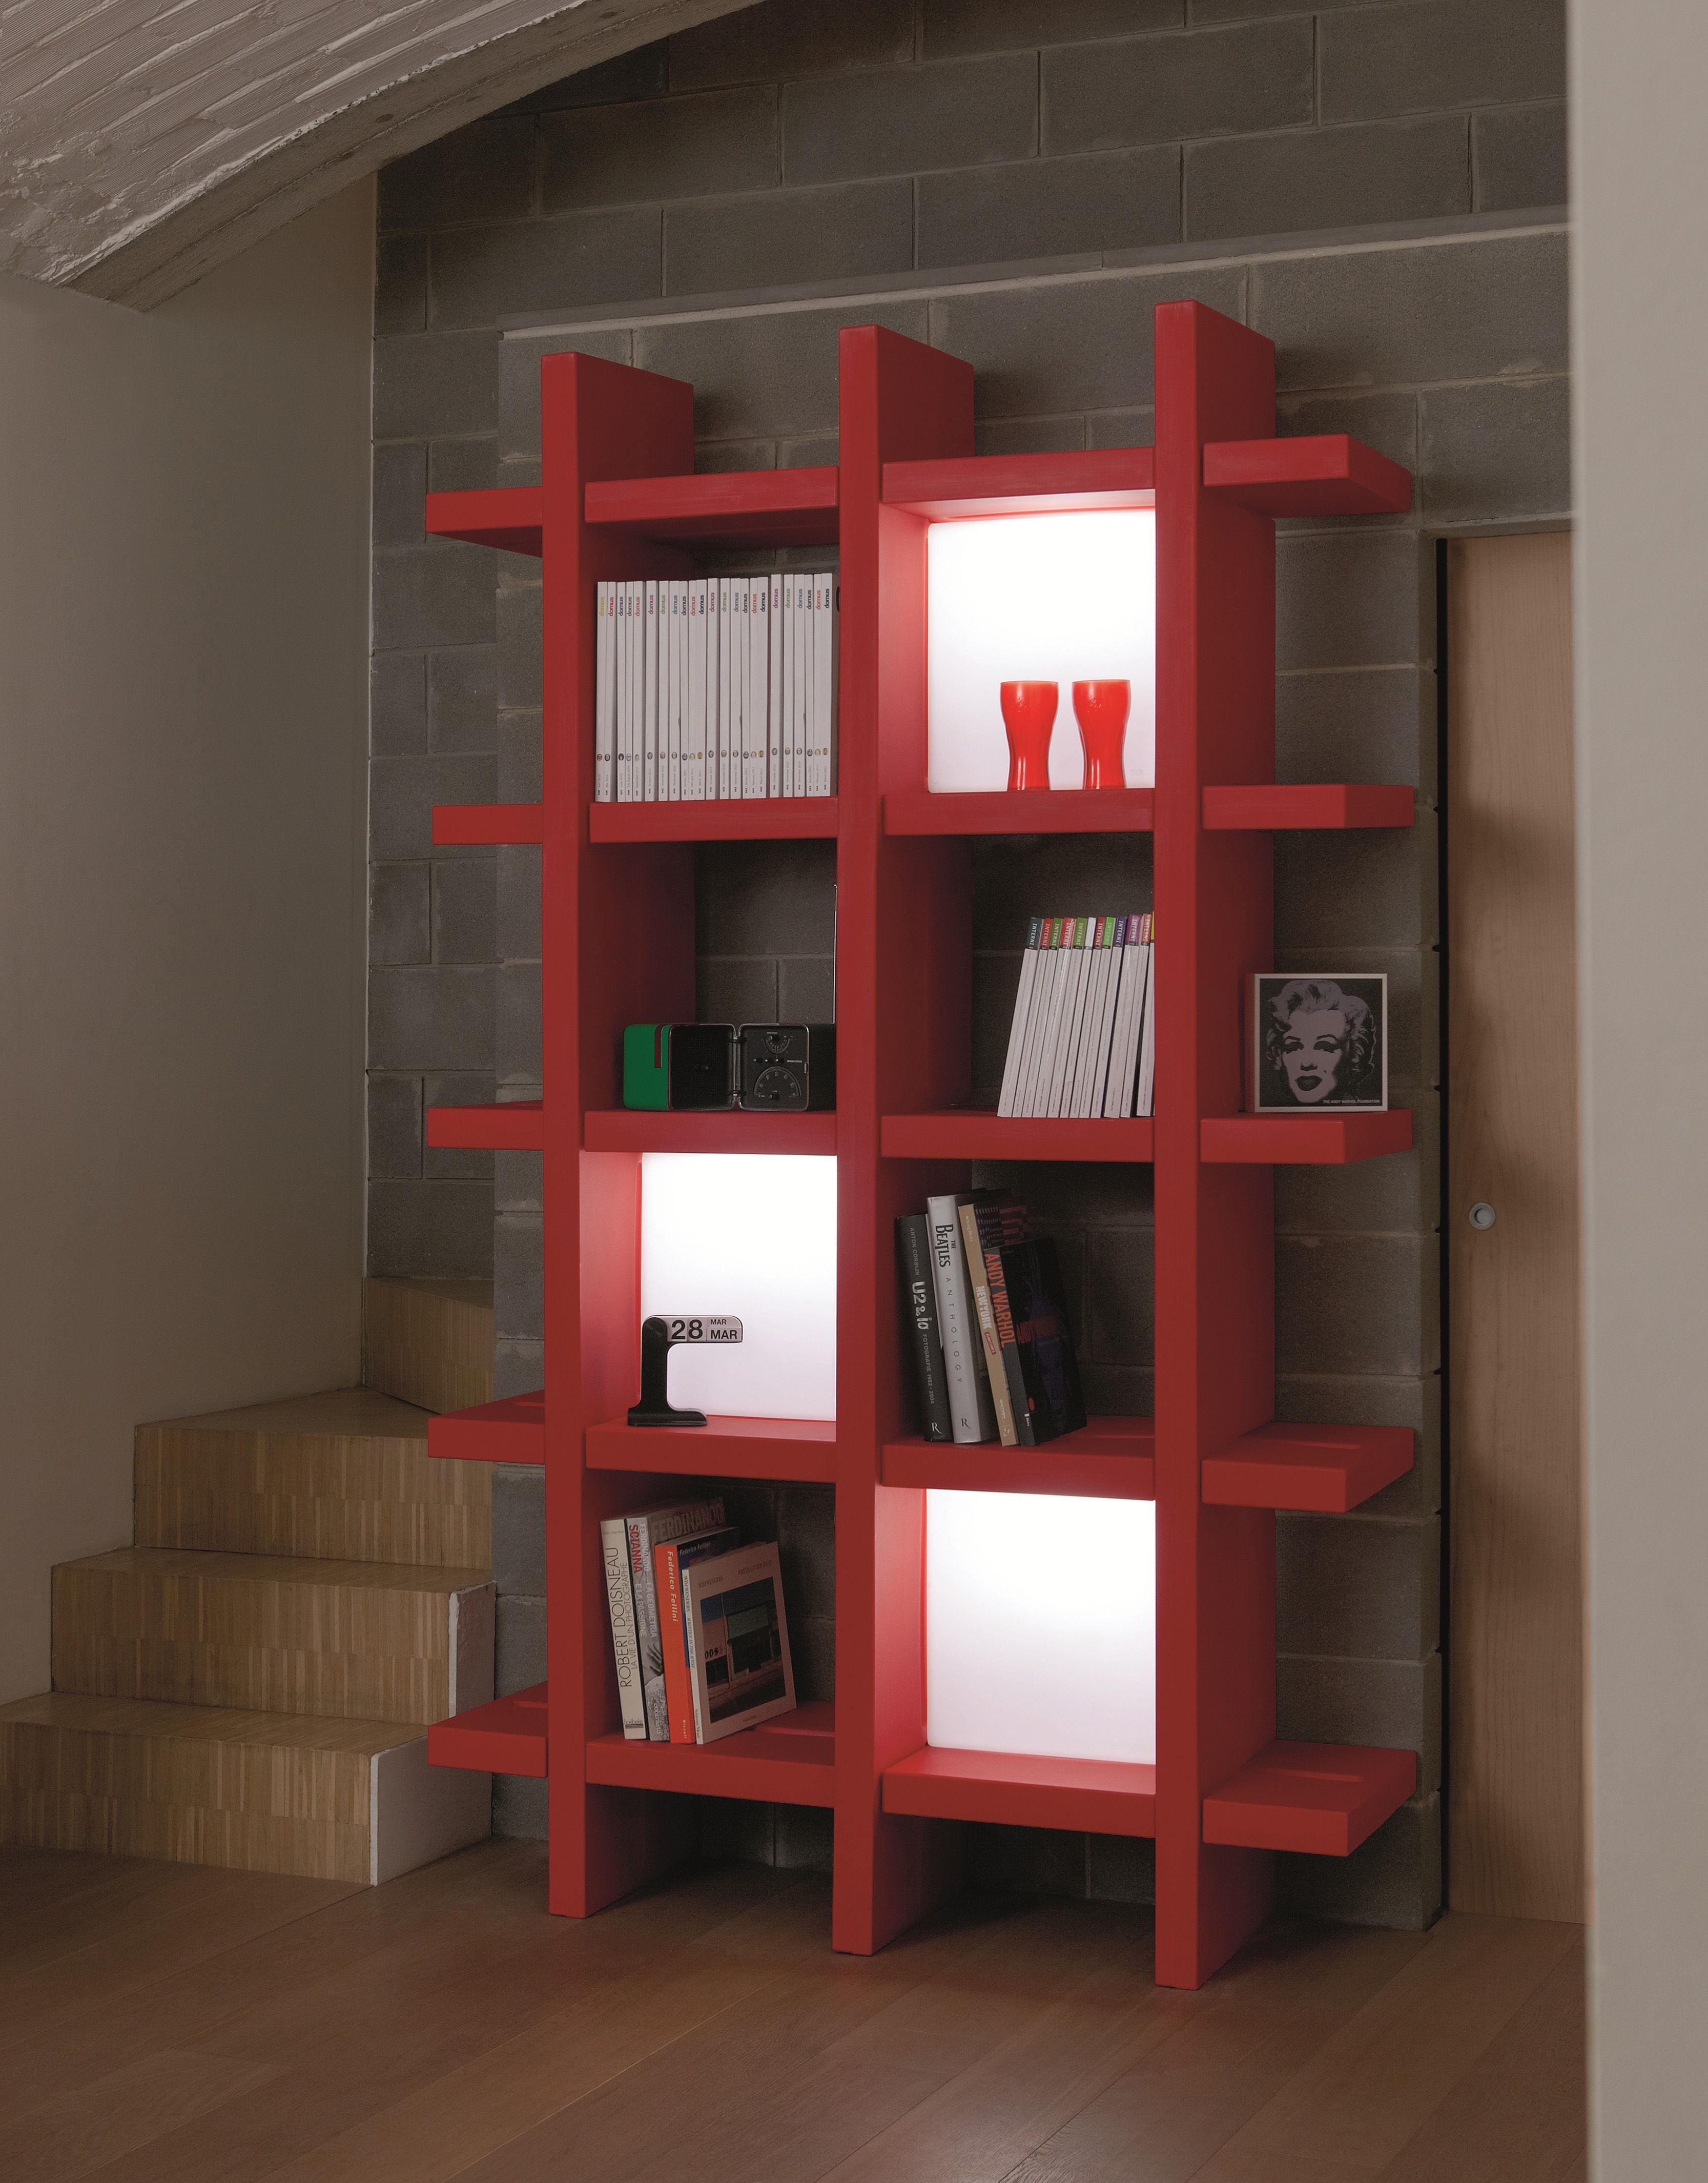 lampe quadro cube lumineux 40 x 40 cm pour biblioth que blanc slide. Black Bedroom Furniture Sets. Home Design Ideas